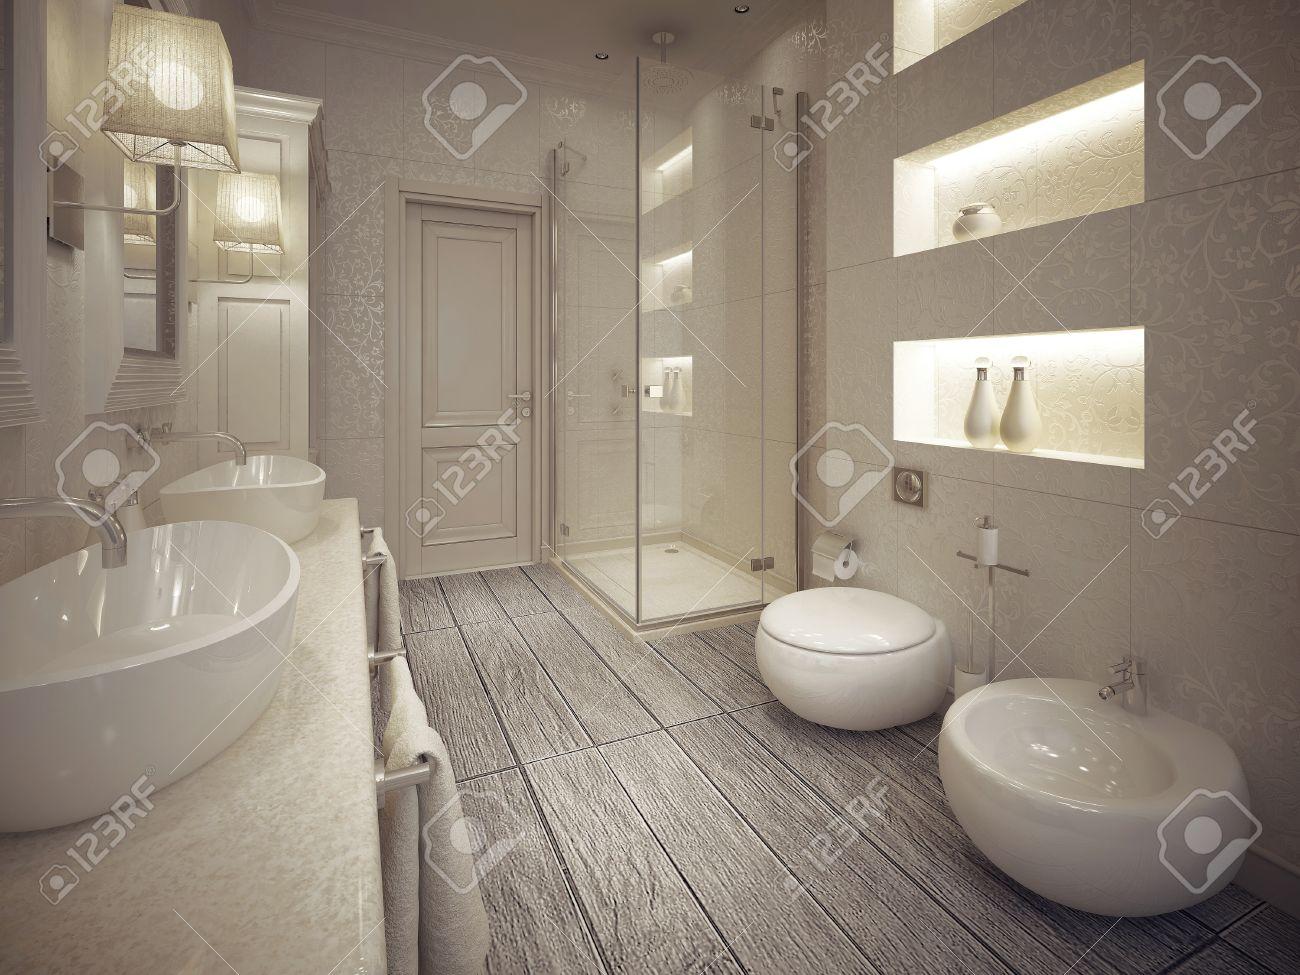 Cuarto de baño moderno con ducha y bidet con estantes por encima ...